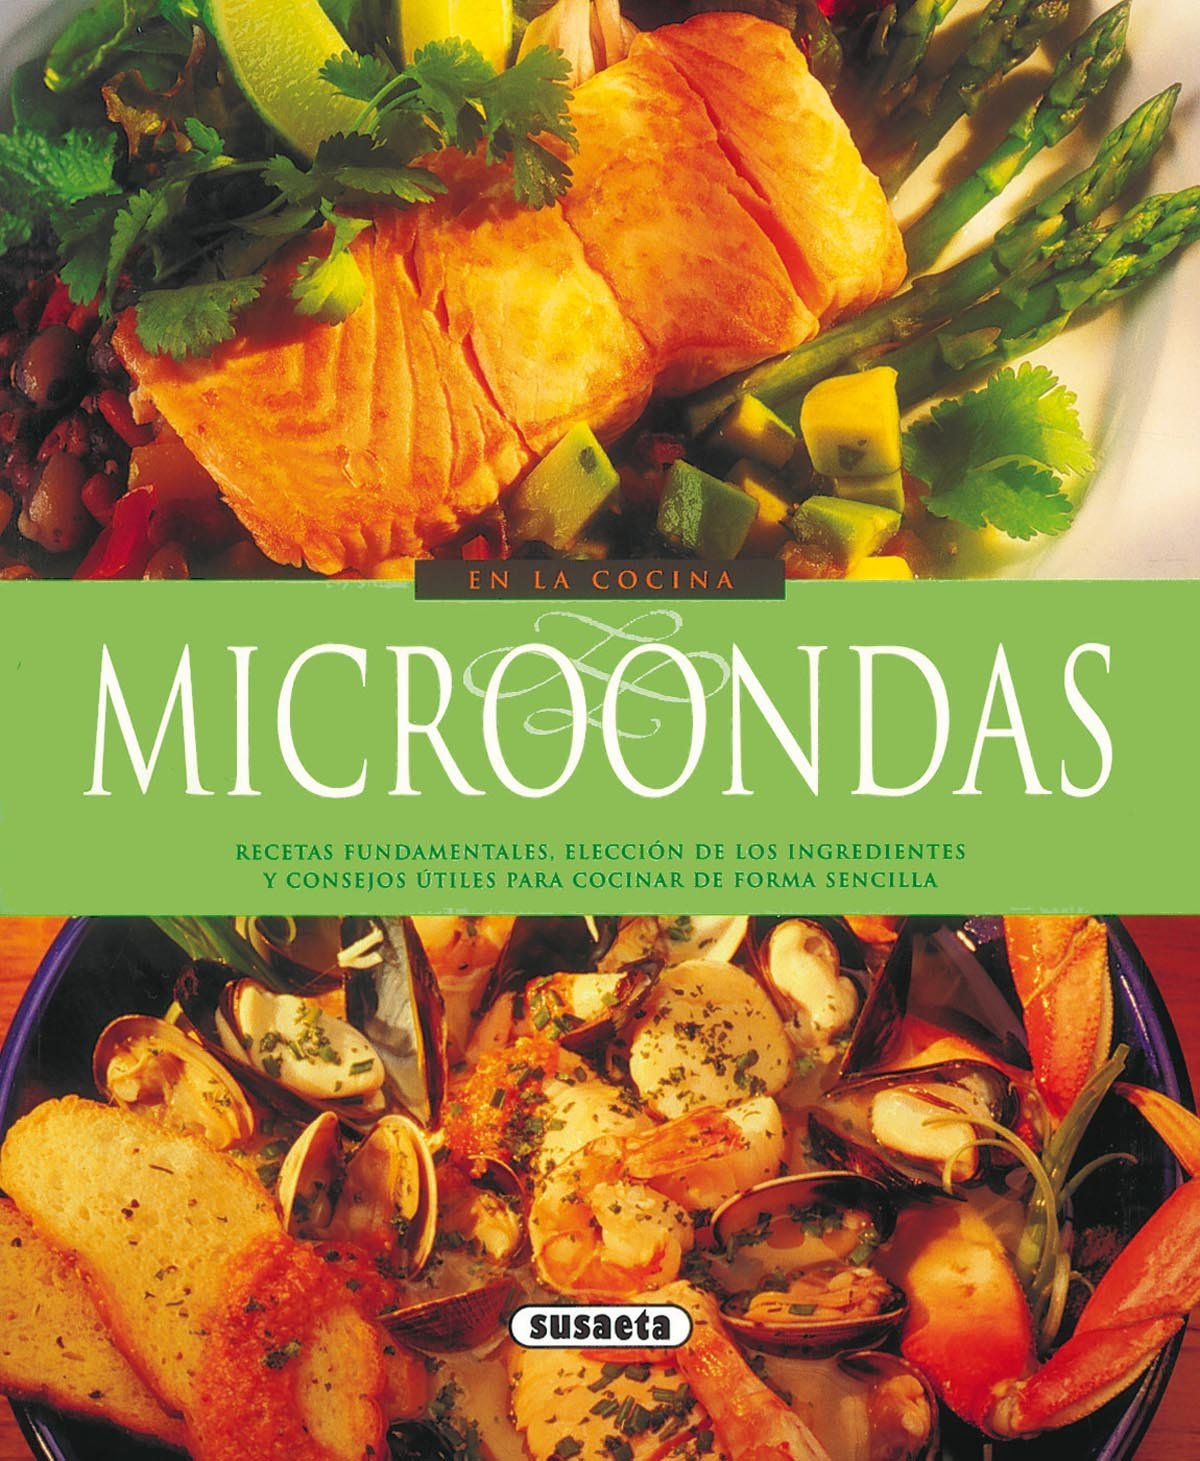 MICROONDAS En la Cocina: Equipo Susaeta: 9788430567942 ...